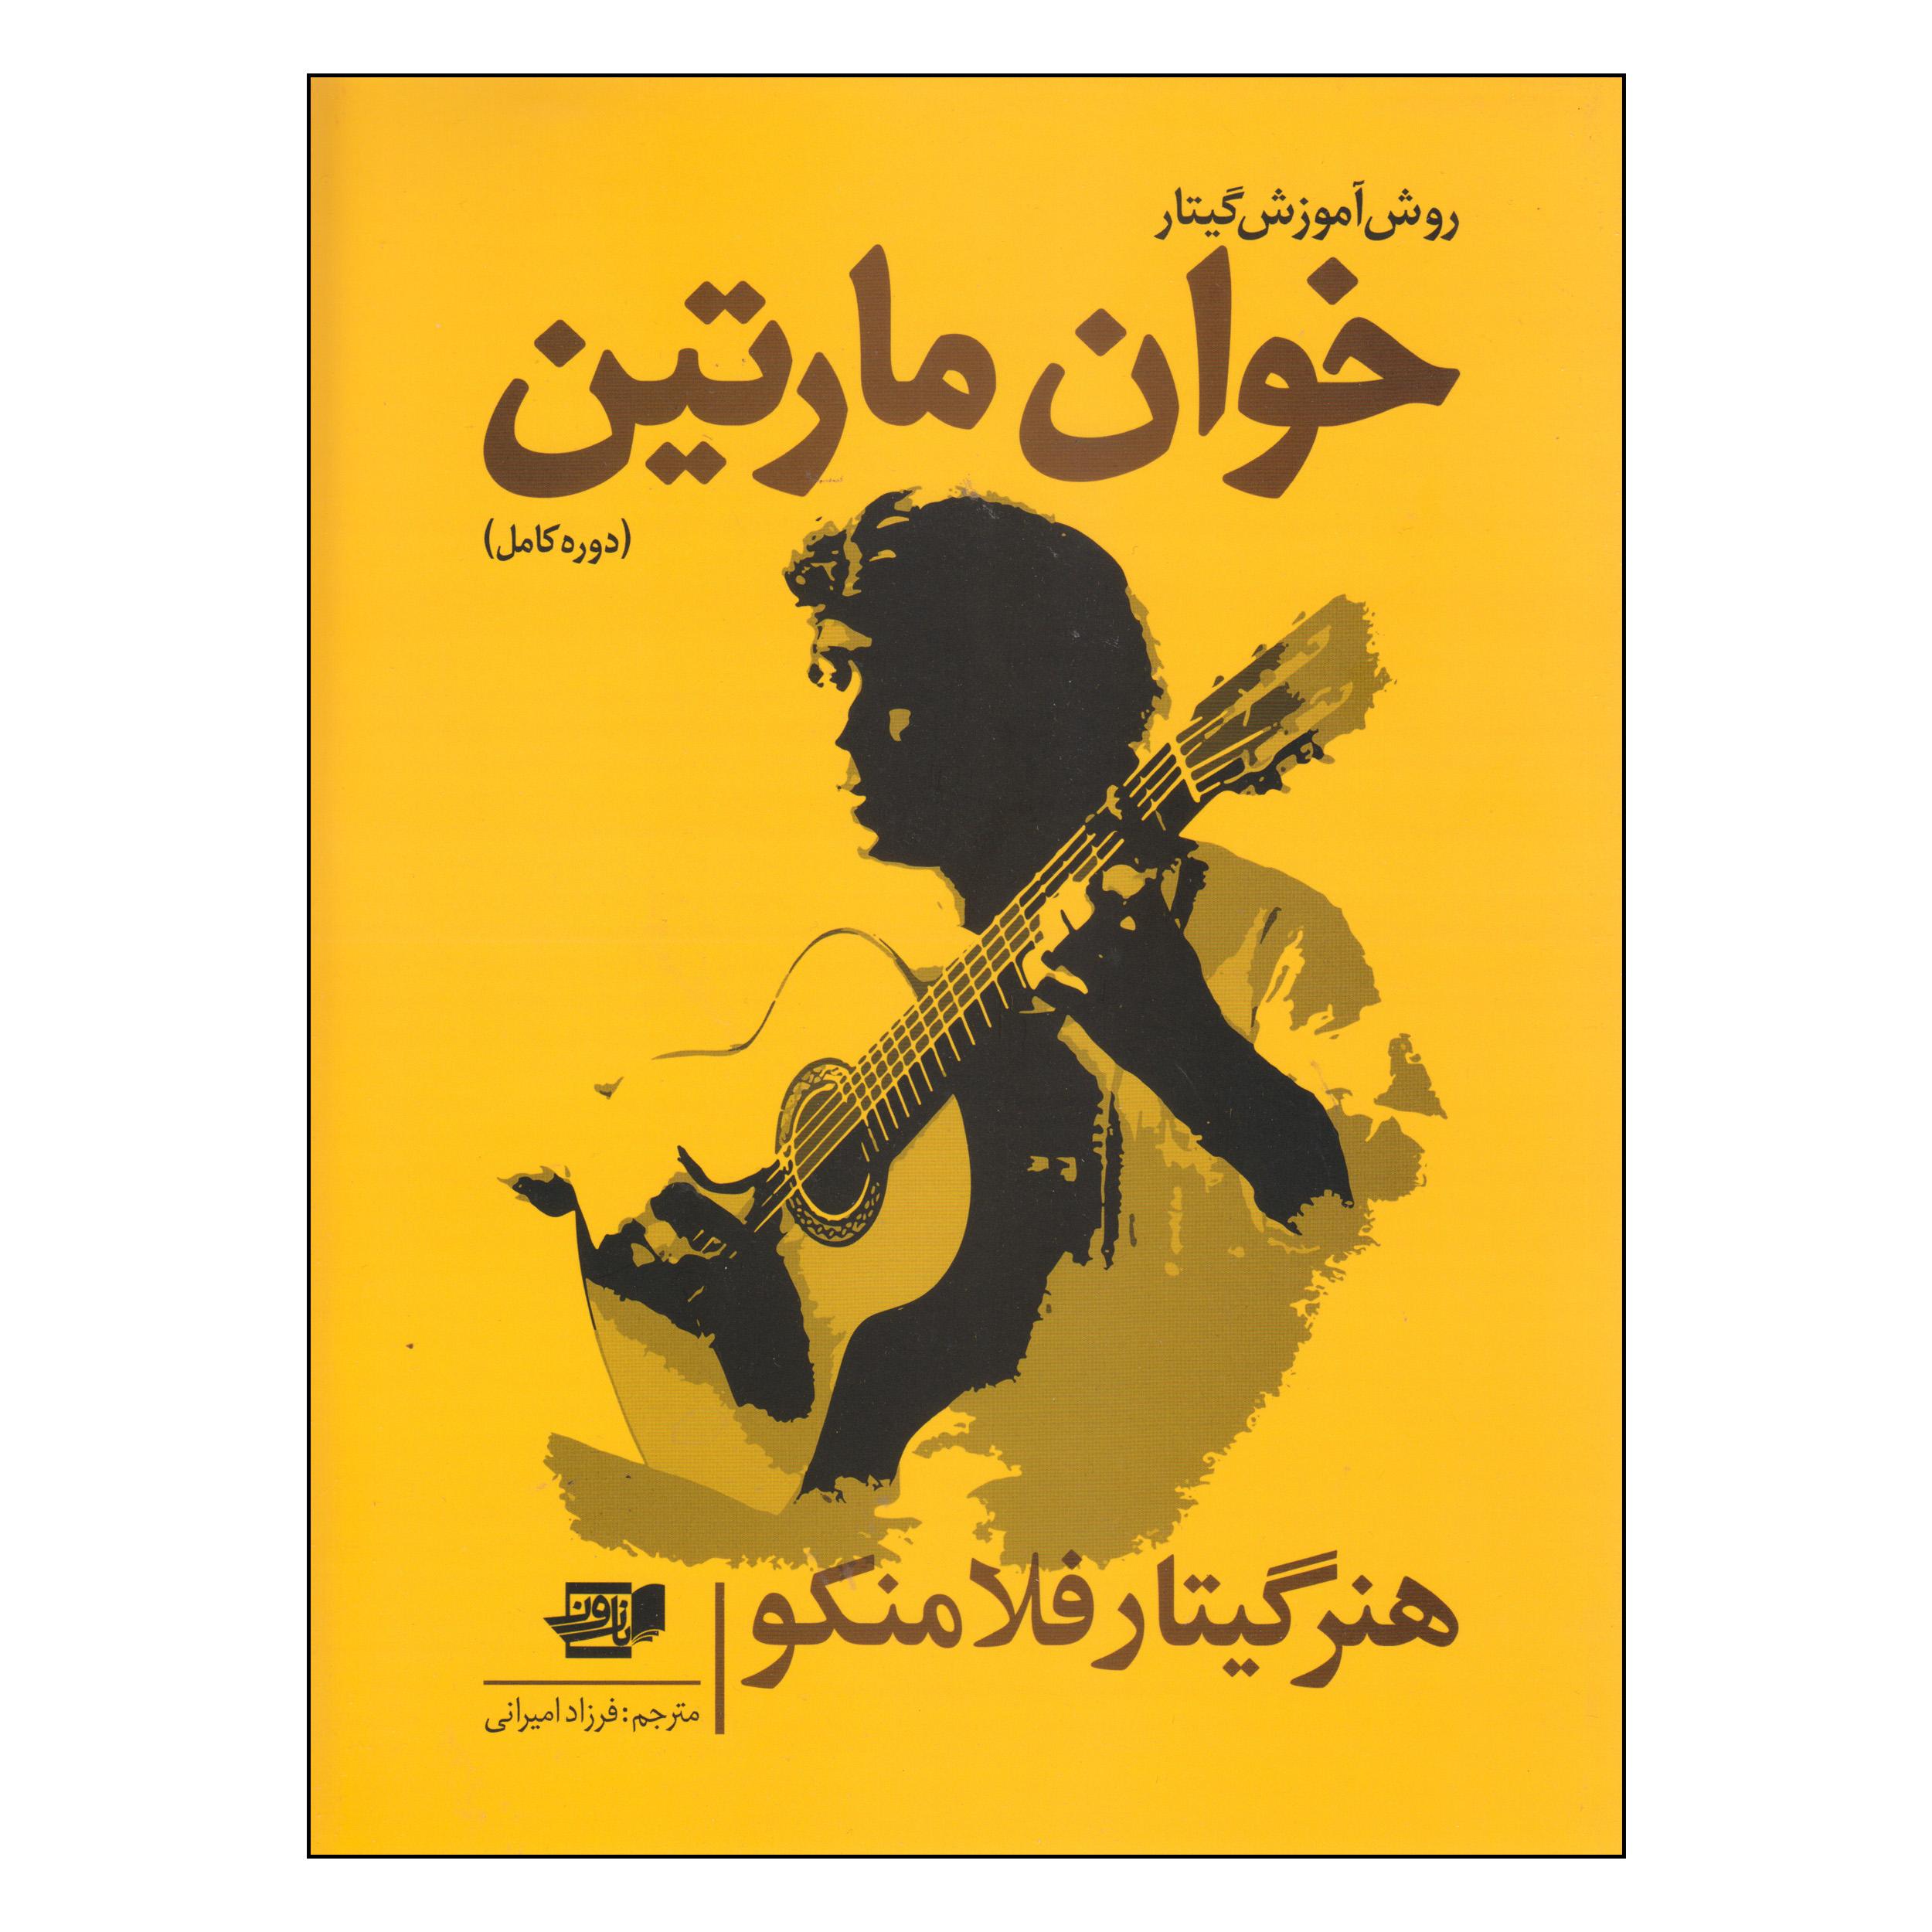 کتاب روش آموزش گیتار اثر خوان مارتین انتشارات گنجینه کتاب نارون